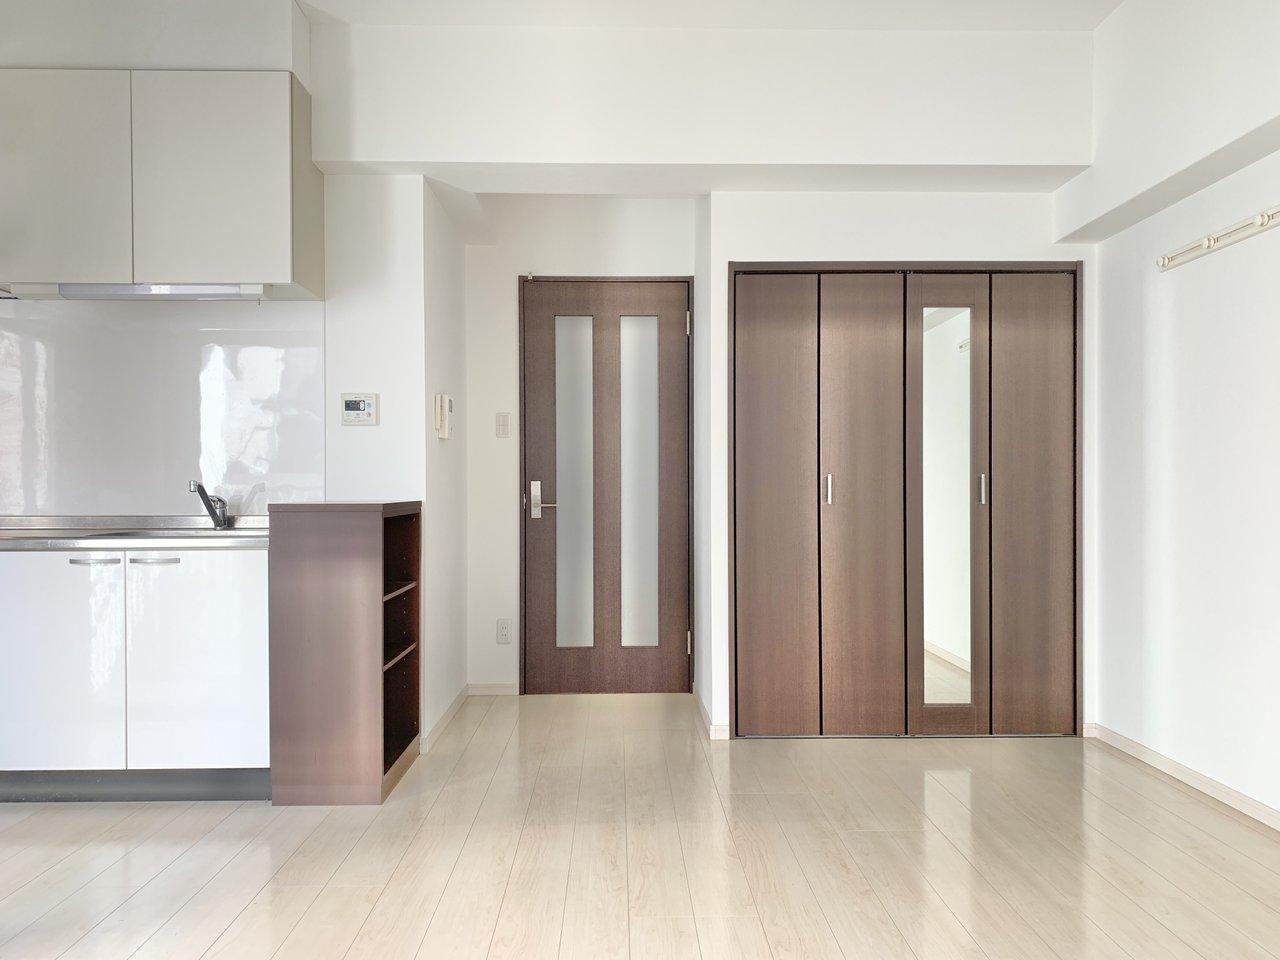 二口ガスキッチン、独立洗面台など、ワンルームでも設備が充実している2014年築のマンション。オートロックや宅配ロッカーもあって初めての一人暮らしも安心です。